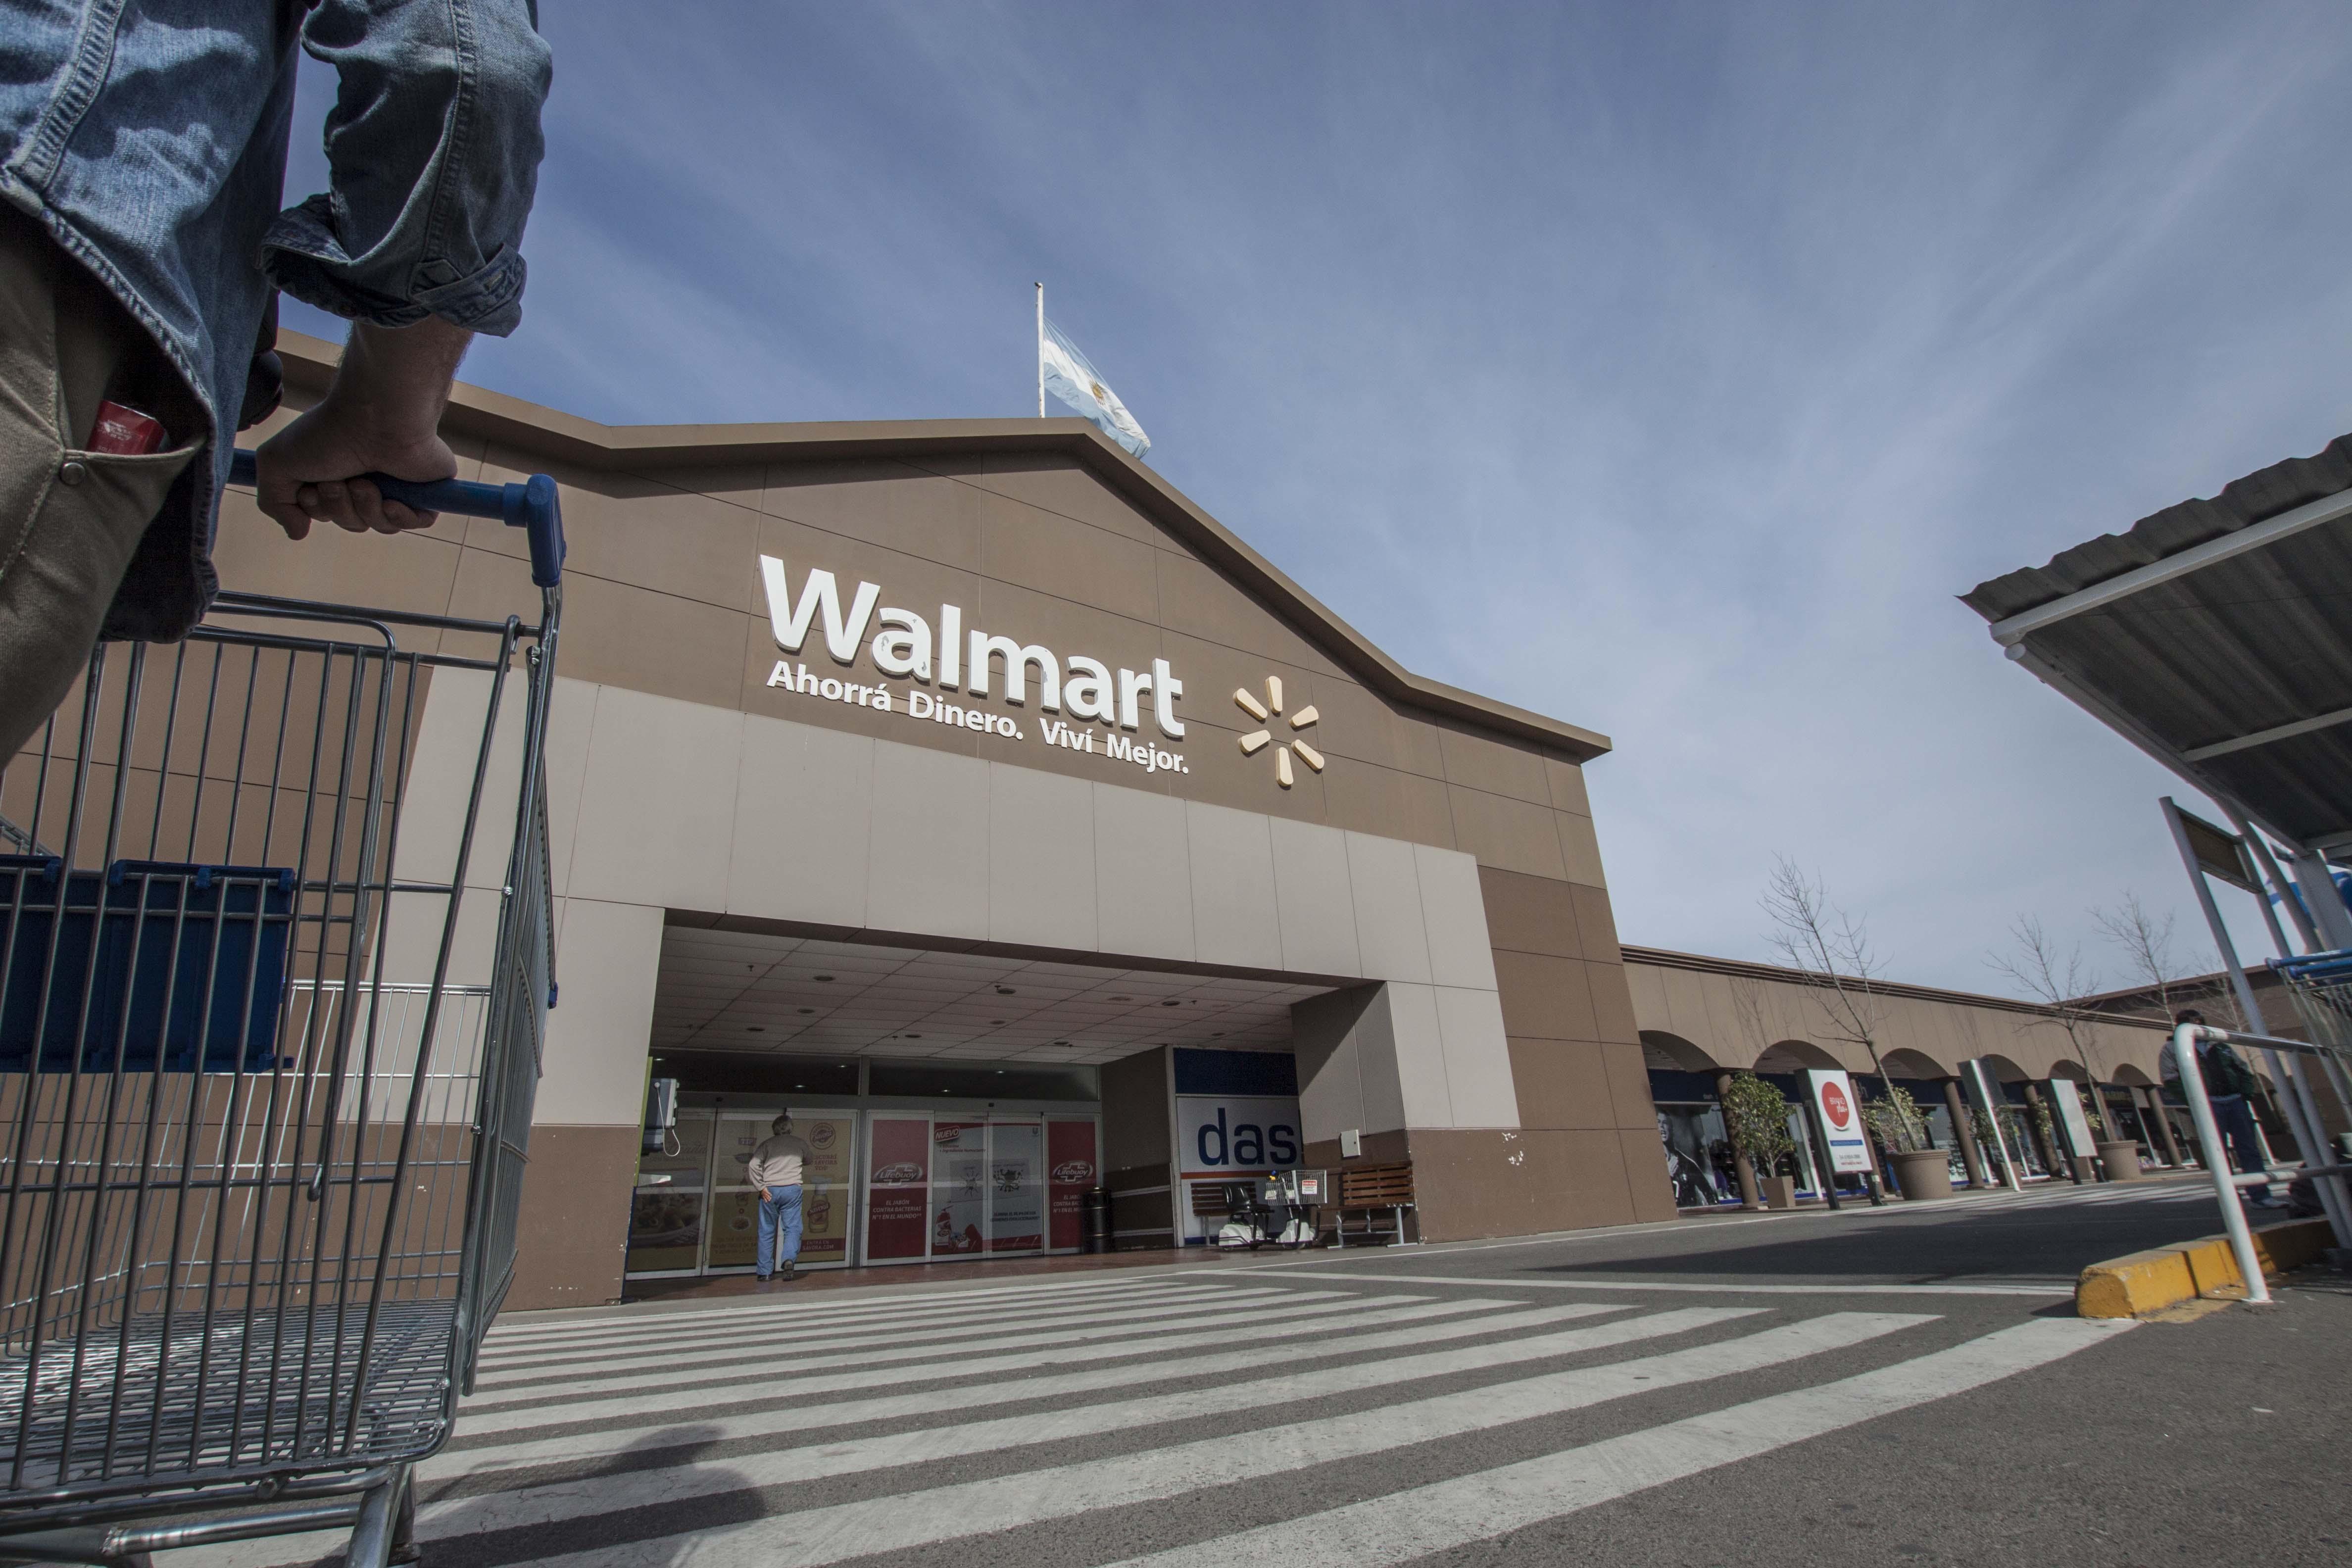 La marca electro de Walmart renueva su imagen   Enretail